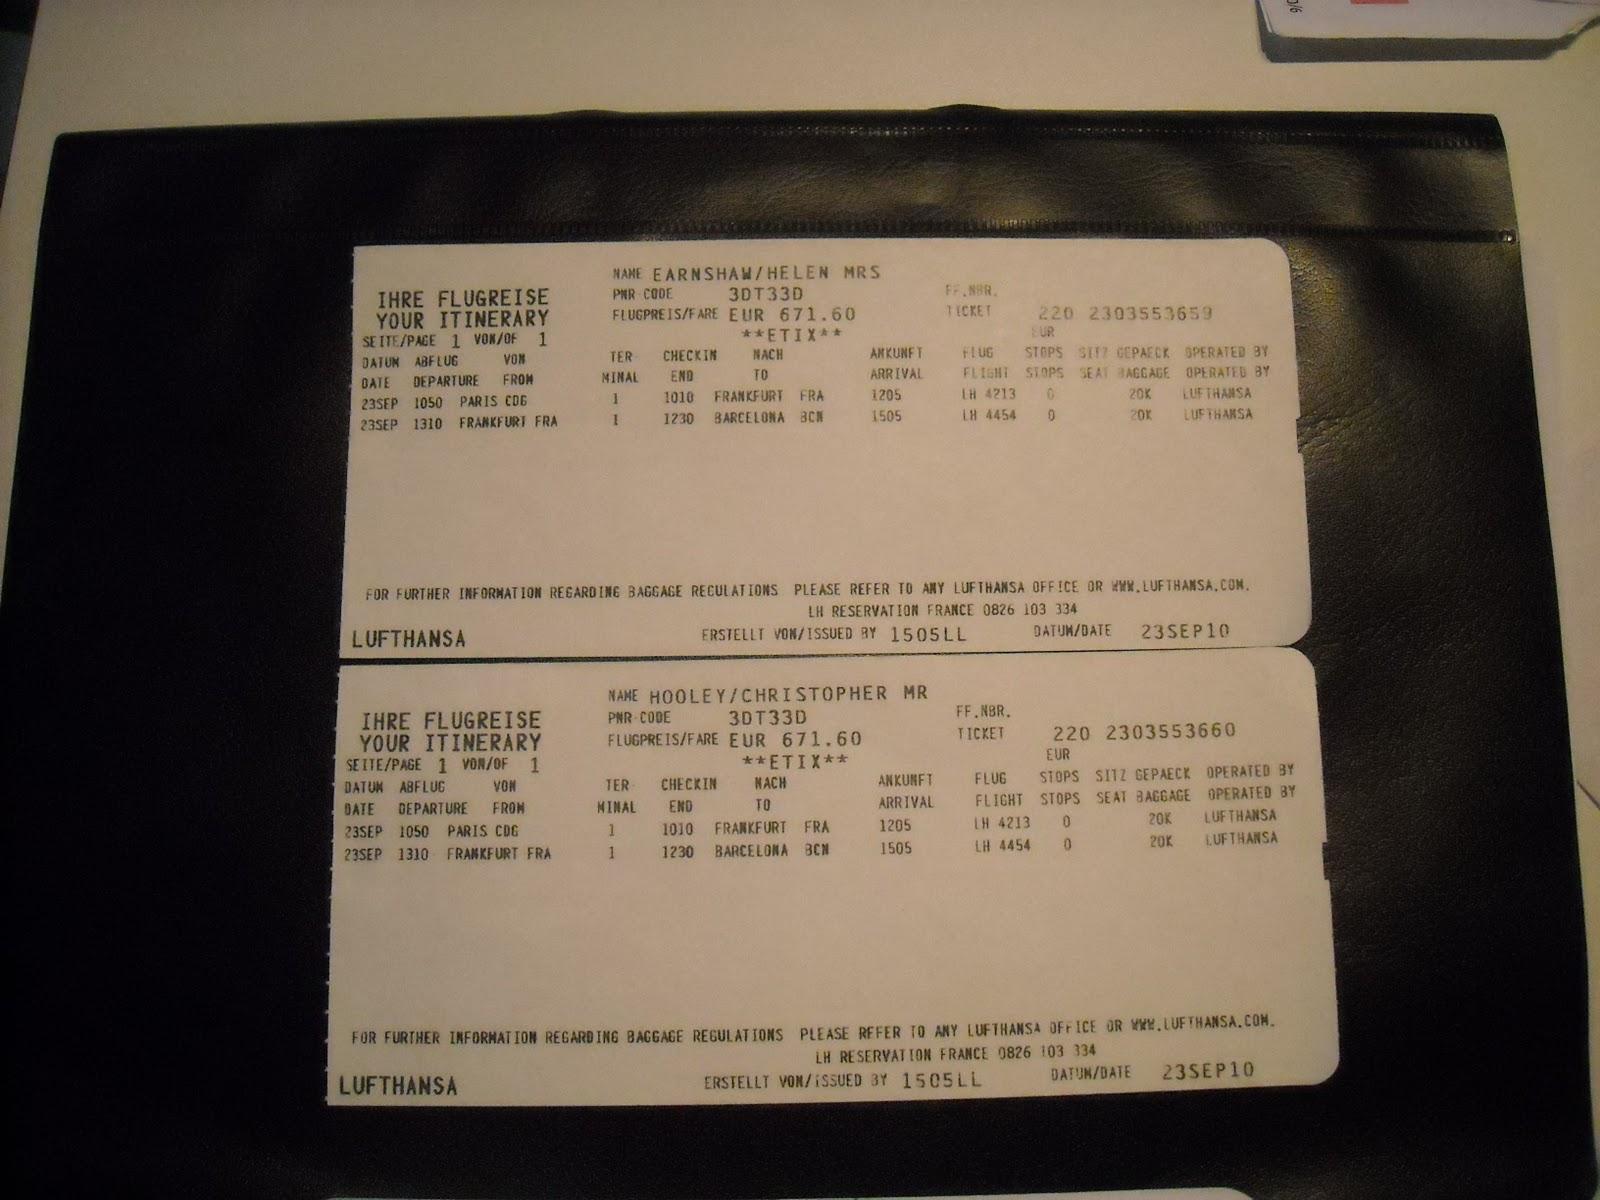 http://3.bp.blogspot.com/_rQiOPp3Zcdw/TTnKJPEra-I/AAAAAAAAAyM/jRYA5Wes-mA/s1600/Paris+-+Barcelona+Tickets+003.jpg